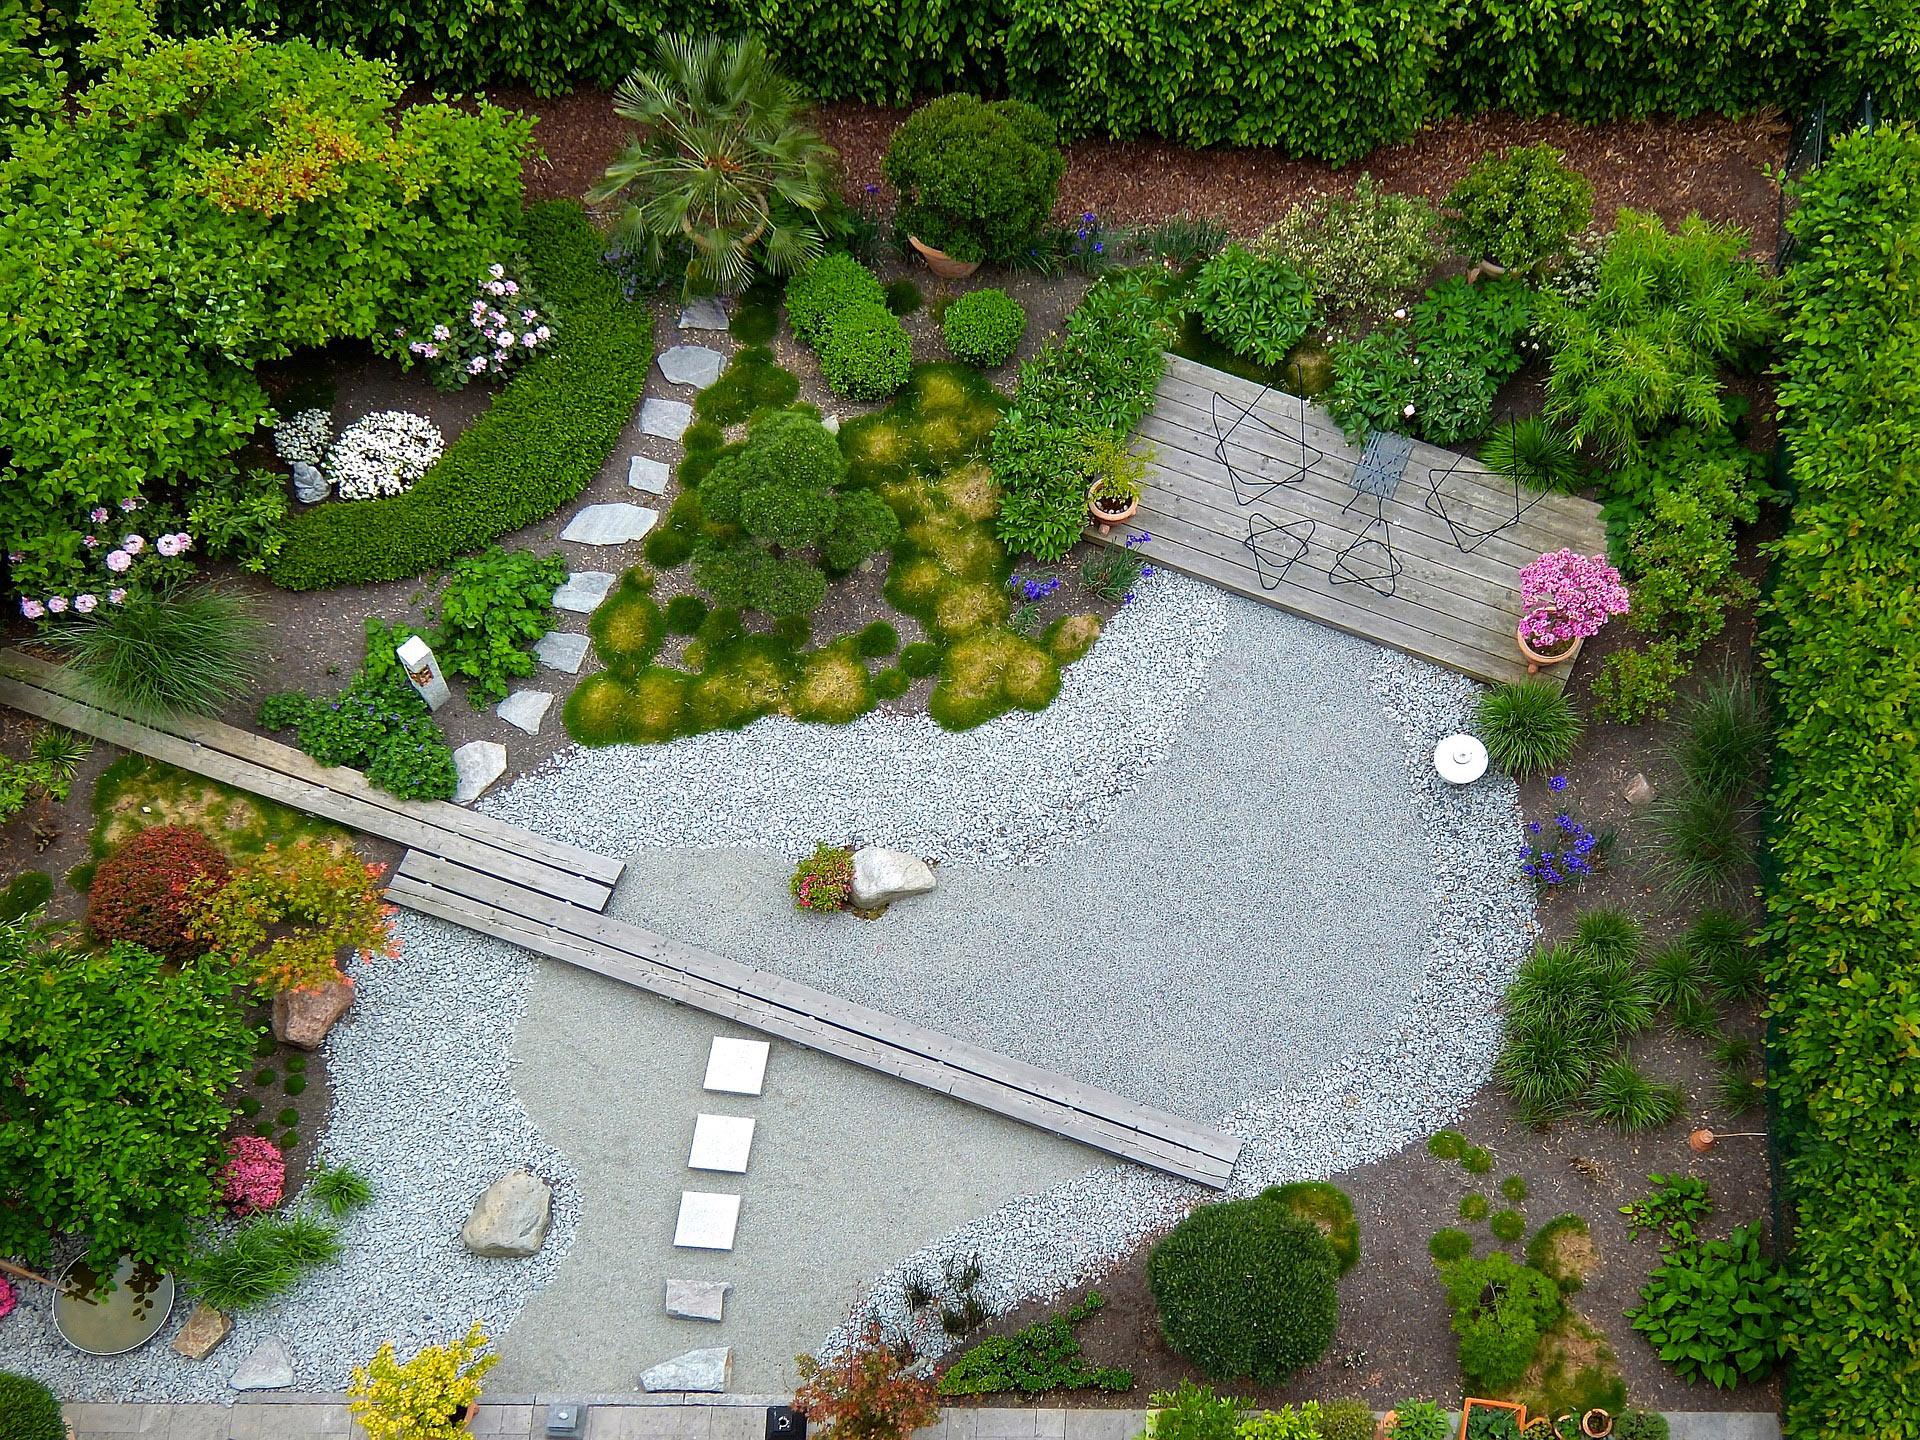 Mini Garten einrichten | SCHÖNESZUHAUSE